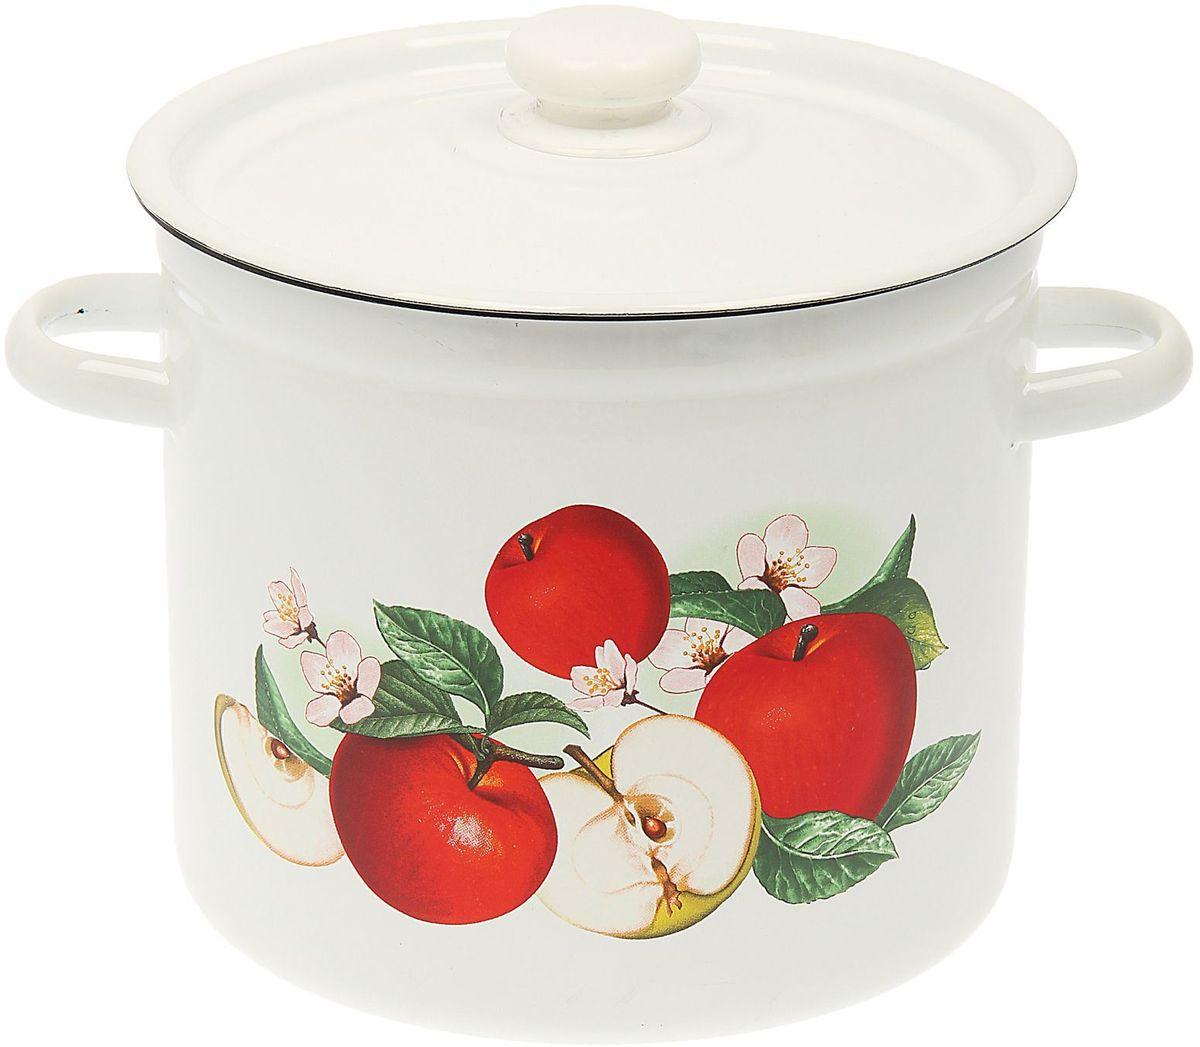 Кастрюля Epos Ароматный, 7 л54 009312Эмалированная кастрюля пригодится вам для быстрого приготовления разных типов блюд. Такая посуда подходит для домашнего и профессионального использования.Кастрюля цилиндрическая — помощь на кухне на долгие годы.Достоинства:посуда быстро и равномерно нагревается;корпус стоек к ржавчине;изделие легко отмывается в посудомоечной машине.Благодаря приятным цветам кастрюля удачно впишется в любой дизайн интерьера. Наилучшее качество покрытия достигается за счёт того, что посуда проходит обжиг при температуре до 800 градусов.Чтобы предмет сохранял наилучшие эксплуатационные свойства, соблюдайте правила ухода:избегайте ударов и падений;не пользуйтесь высокоабразивными чистящими средствами;не допускайте резких перепадов температуры.Посуда подходит для долговременного хранения пищи.